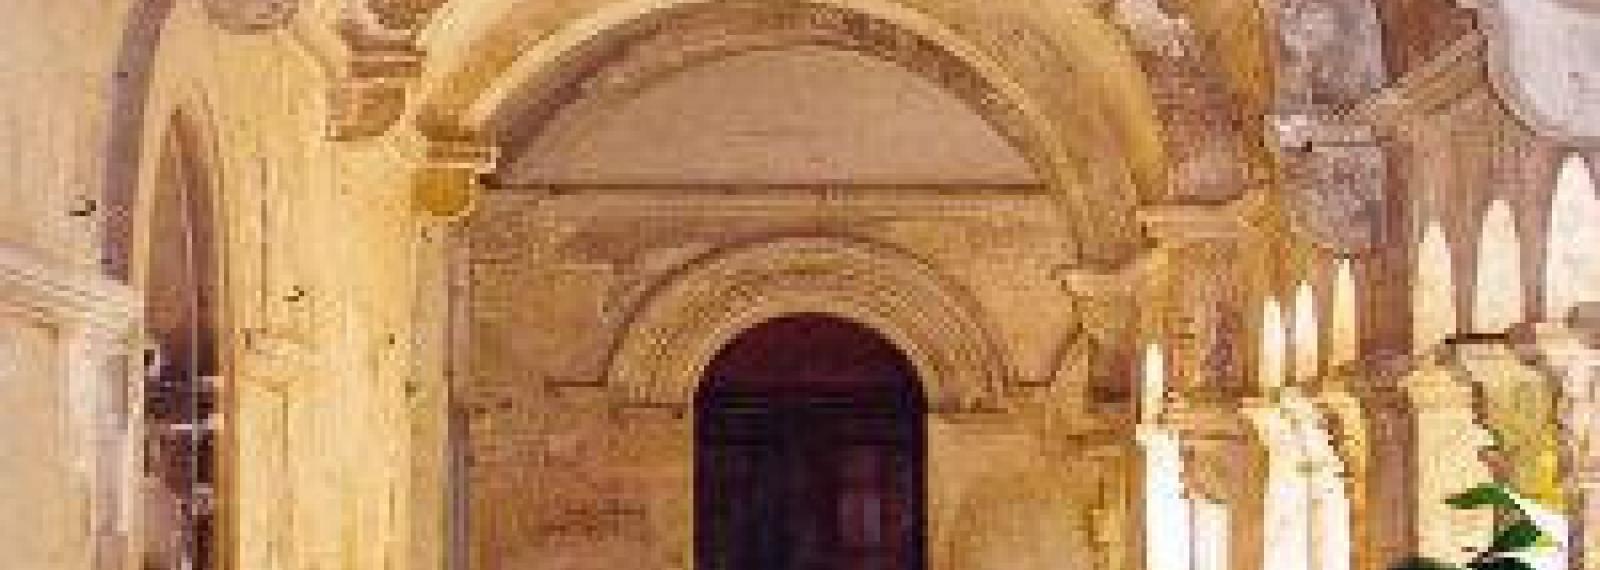 Visite Commentée du Cloître Saint-Paul de Mausole